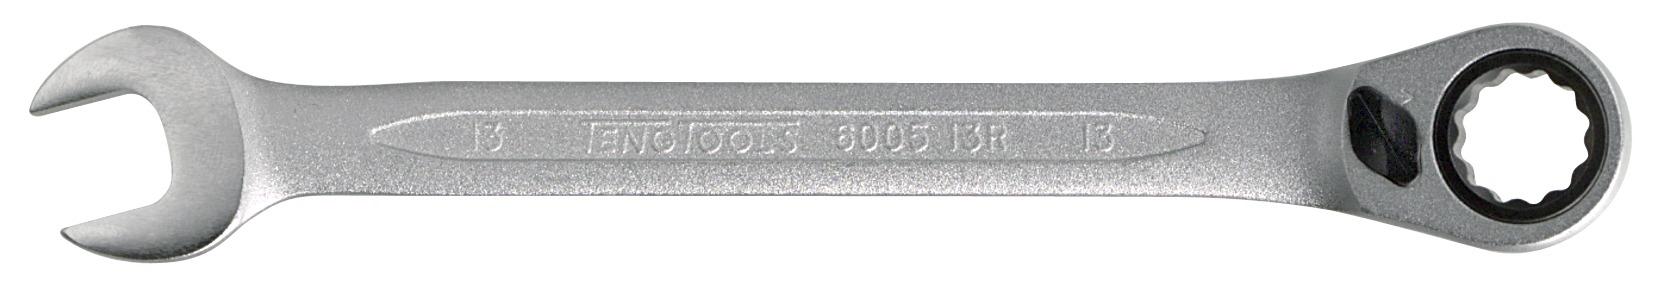 TENG SKRALLENØKKEL KOMB5/8 600120R